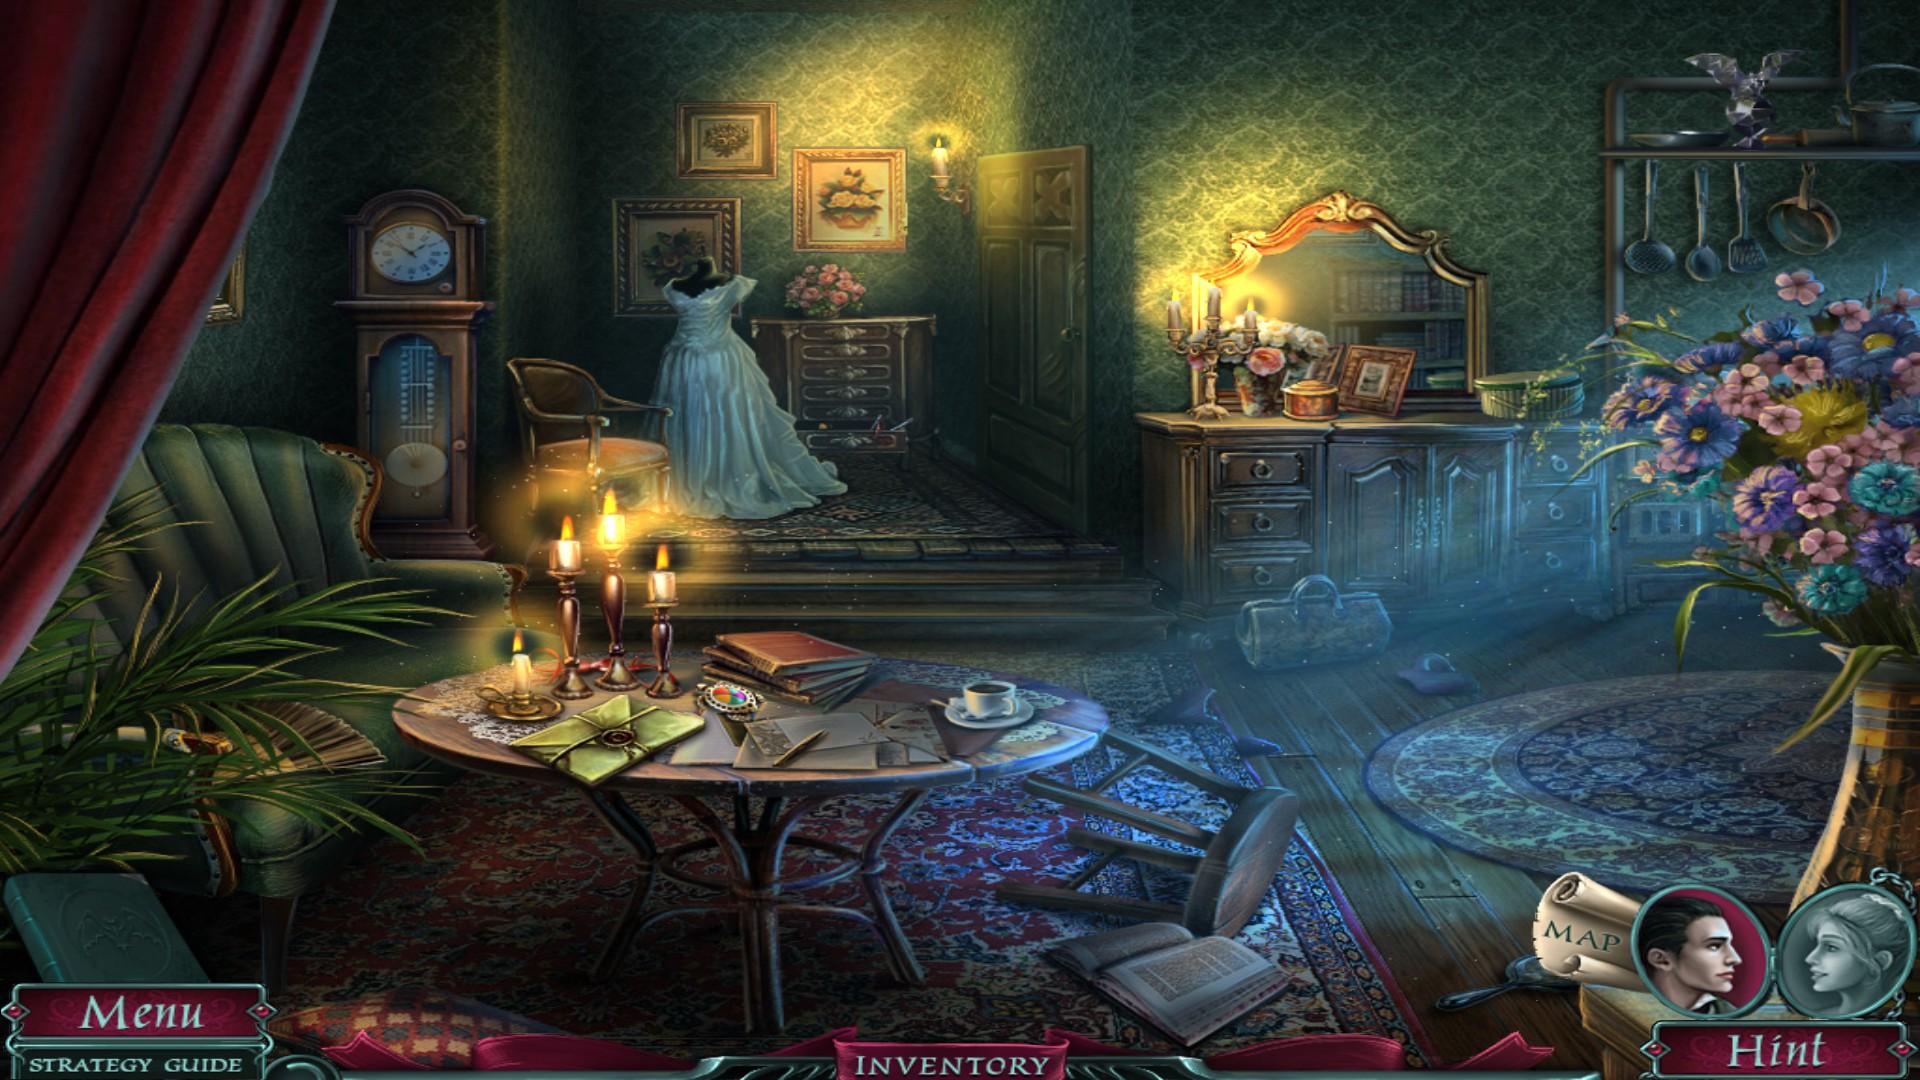 Dark Romance 1: Vampire In Love 8B7F95B9F9F445D314A43215BD8ED0397A2BB60F